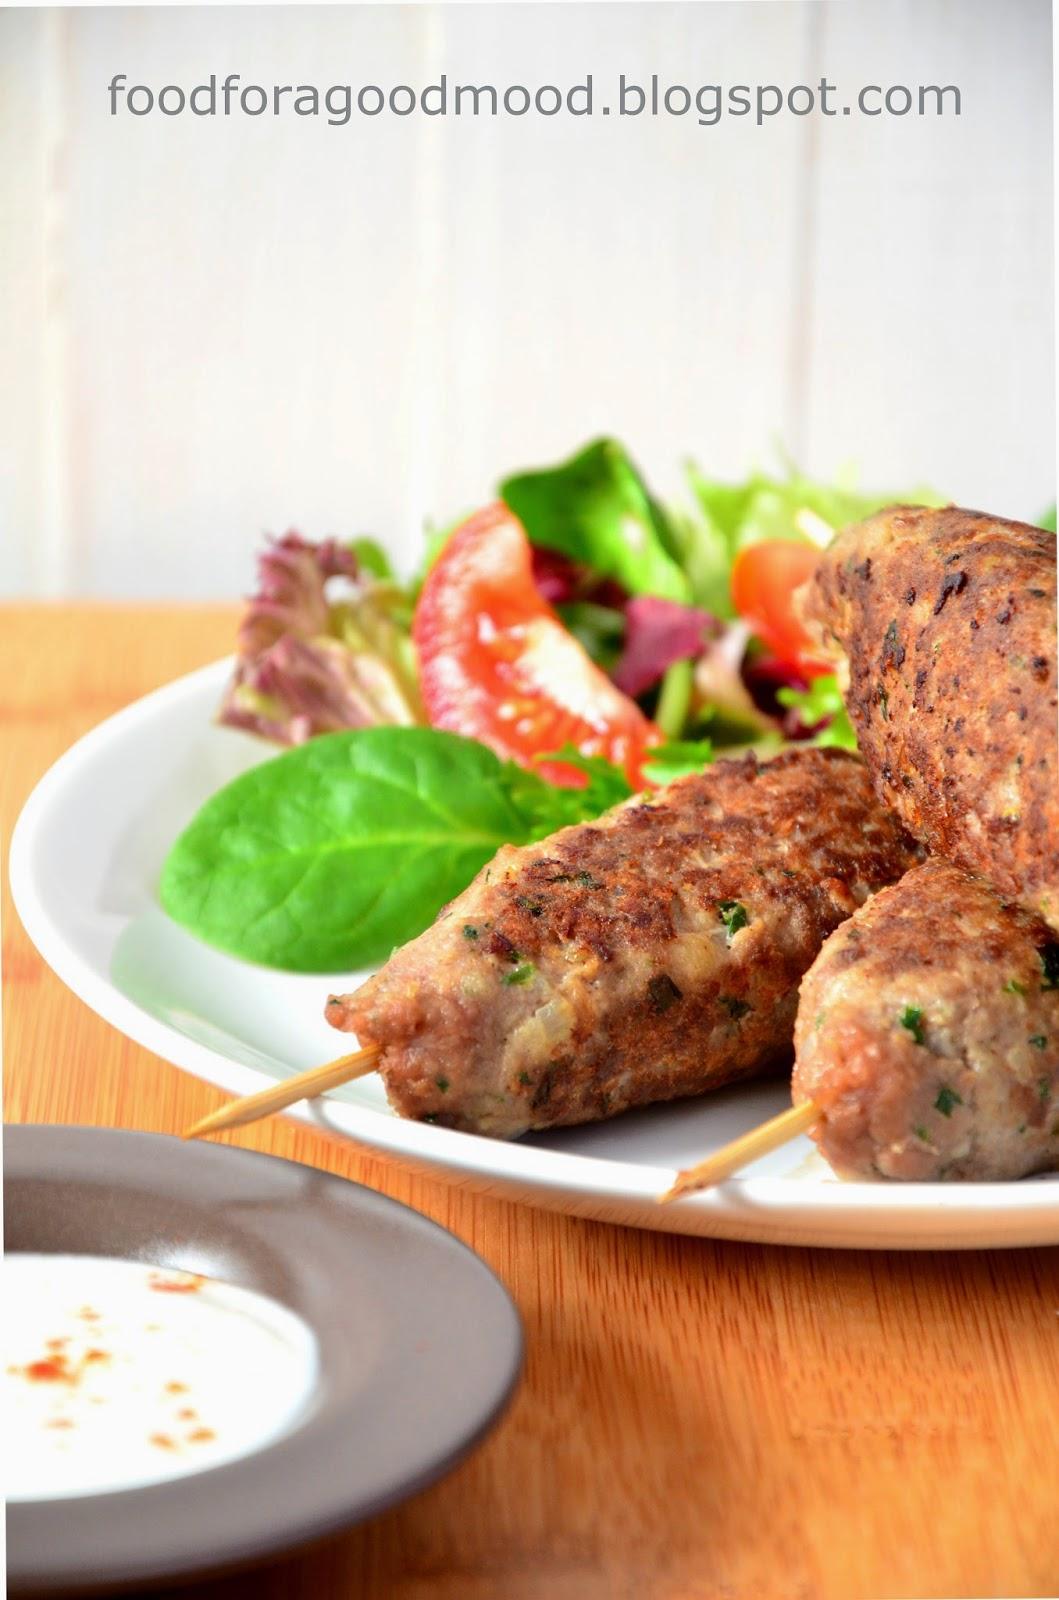 Polska, niczym Turcja powoli staje się ojczyzną kebaba ;) Nie mogło więc na blogu zabraknąć i takiego przepisu. Zamiast jadać byle co w budkach na mieście, lepiej zakasać rękawy i przygotować pachnący kuminem kebab w swoim domu.